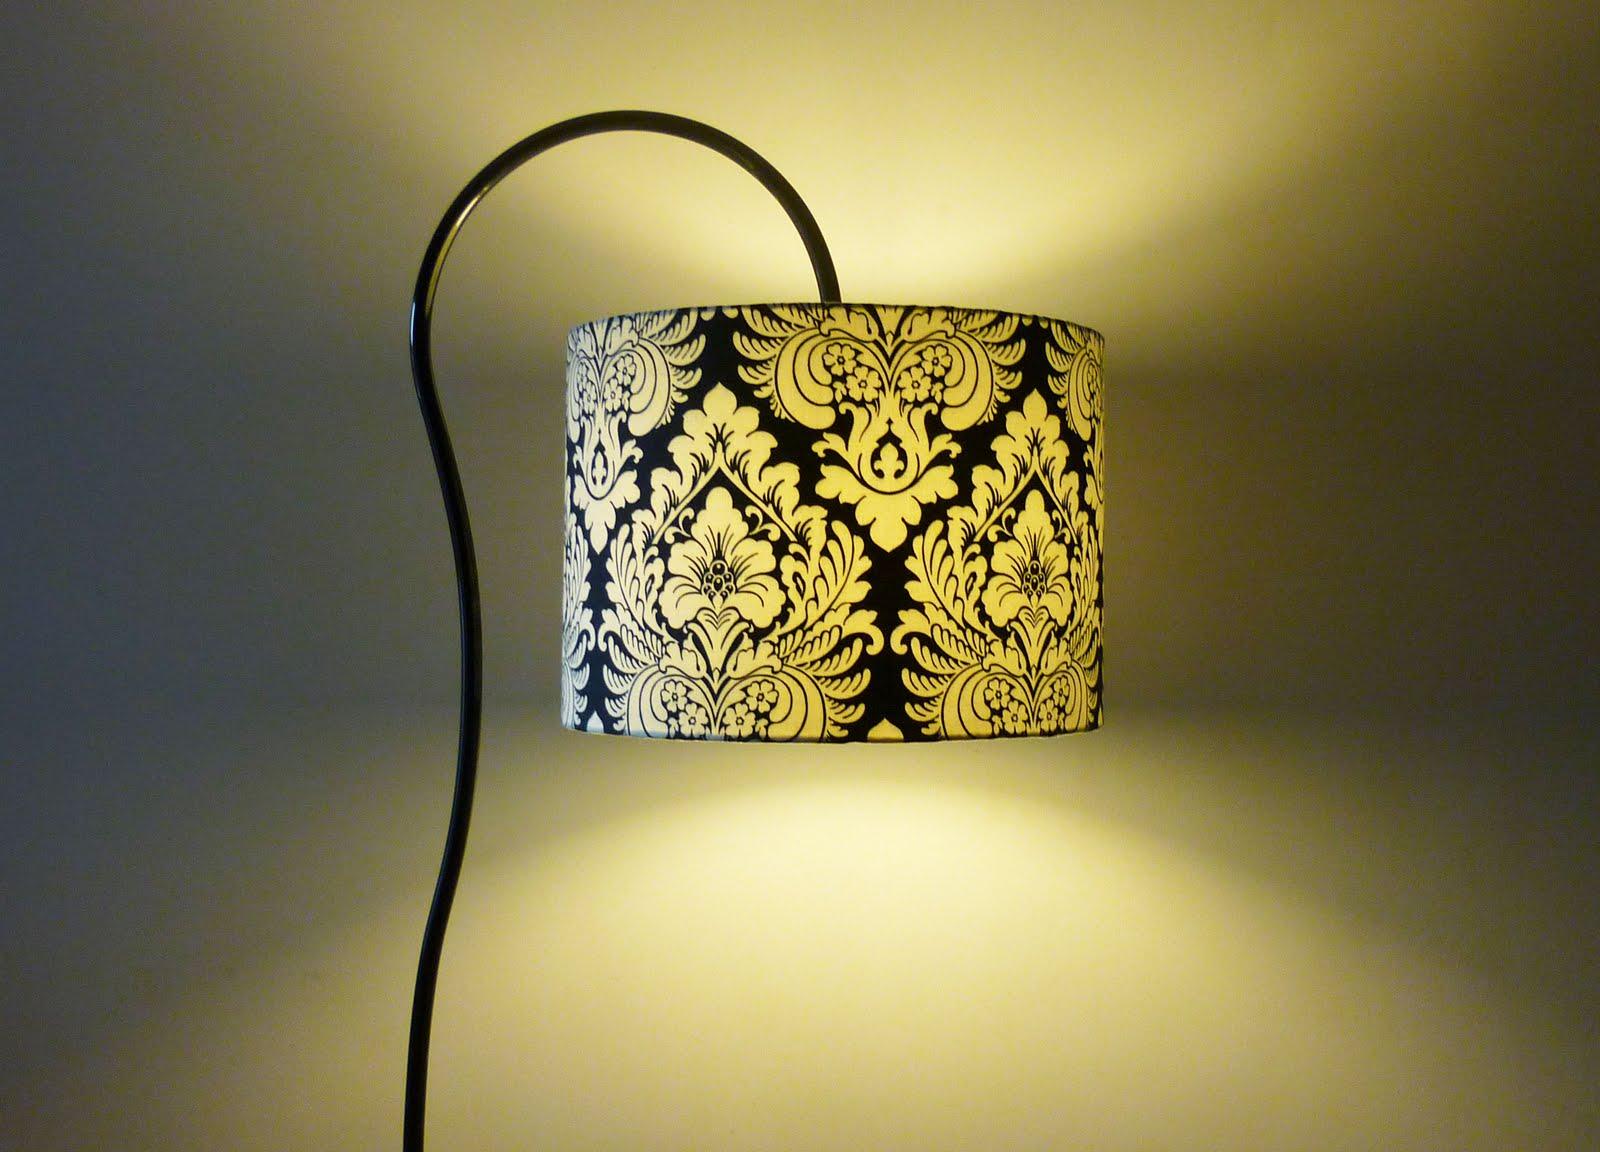 Fabricacion de lamparas y pantallas chile lampara de pie curvo con pantalla 45 cm diametro - Pantallas de lamparas ...